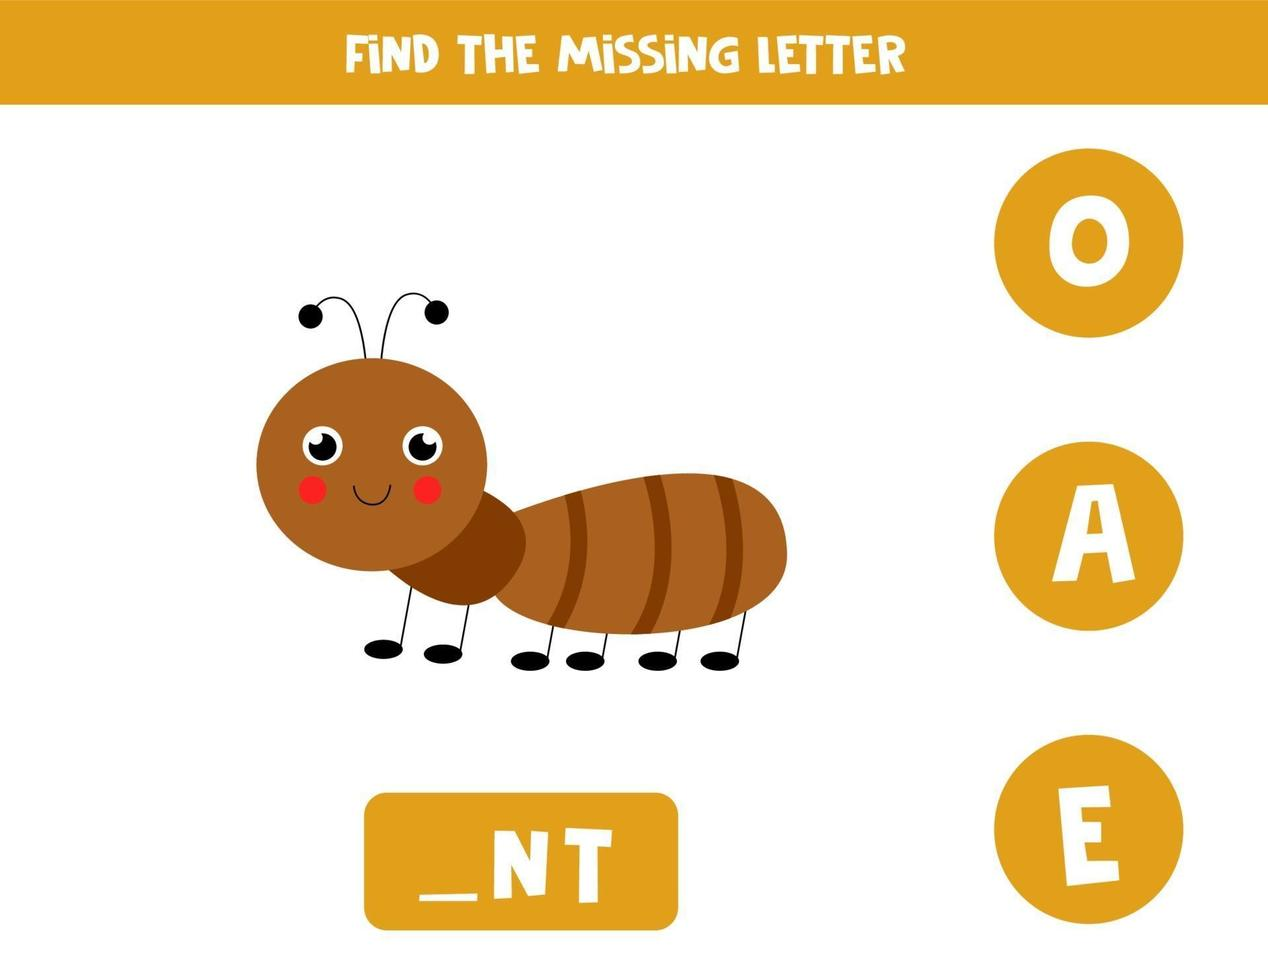 hitta saknad brev med söt myra. stavning kalkylblad. vektor